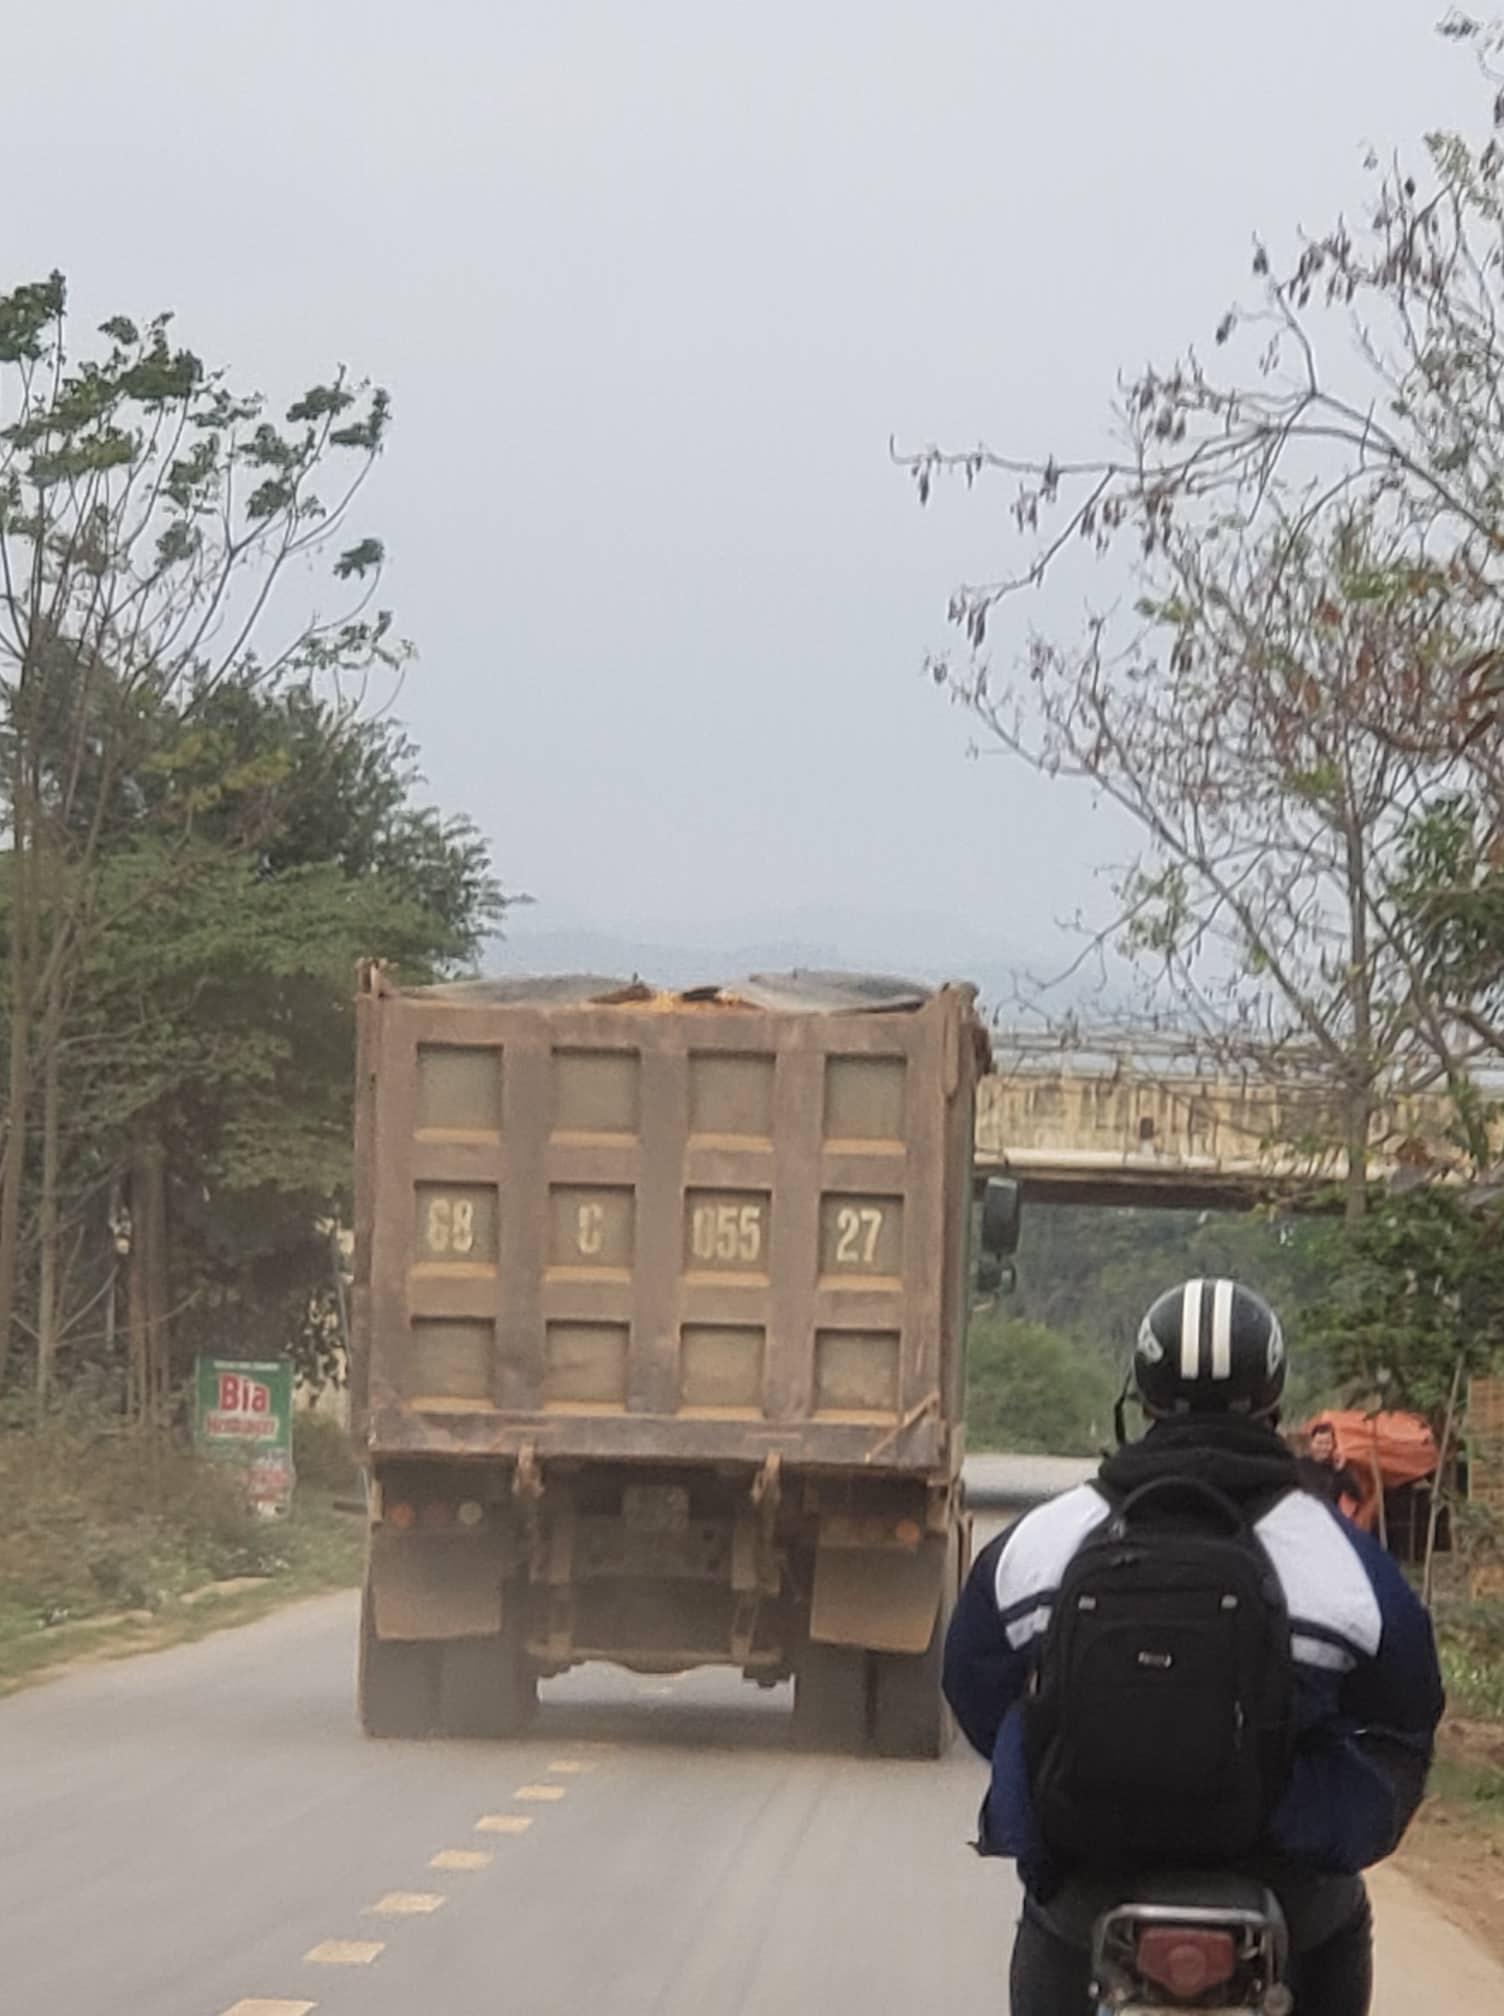 Vĩnh Yên - Vĩnh Phúc: Thực trạng khai thác đất trái phép tại phường Khai Quang - Ảnh 5